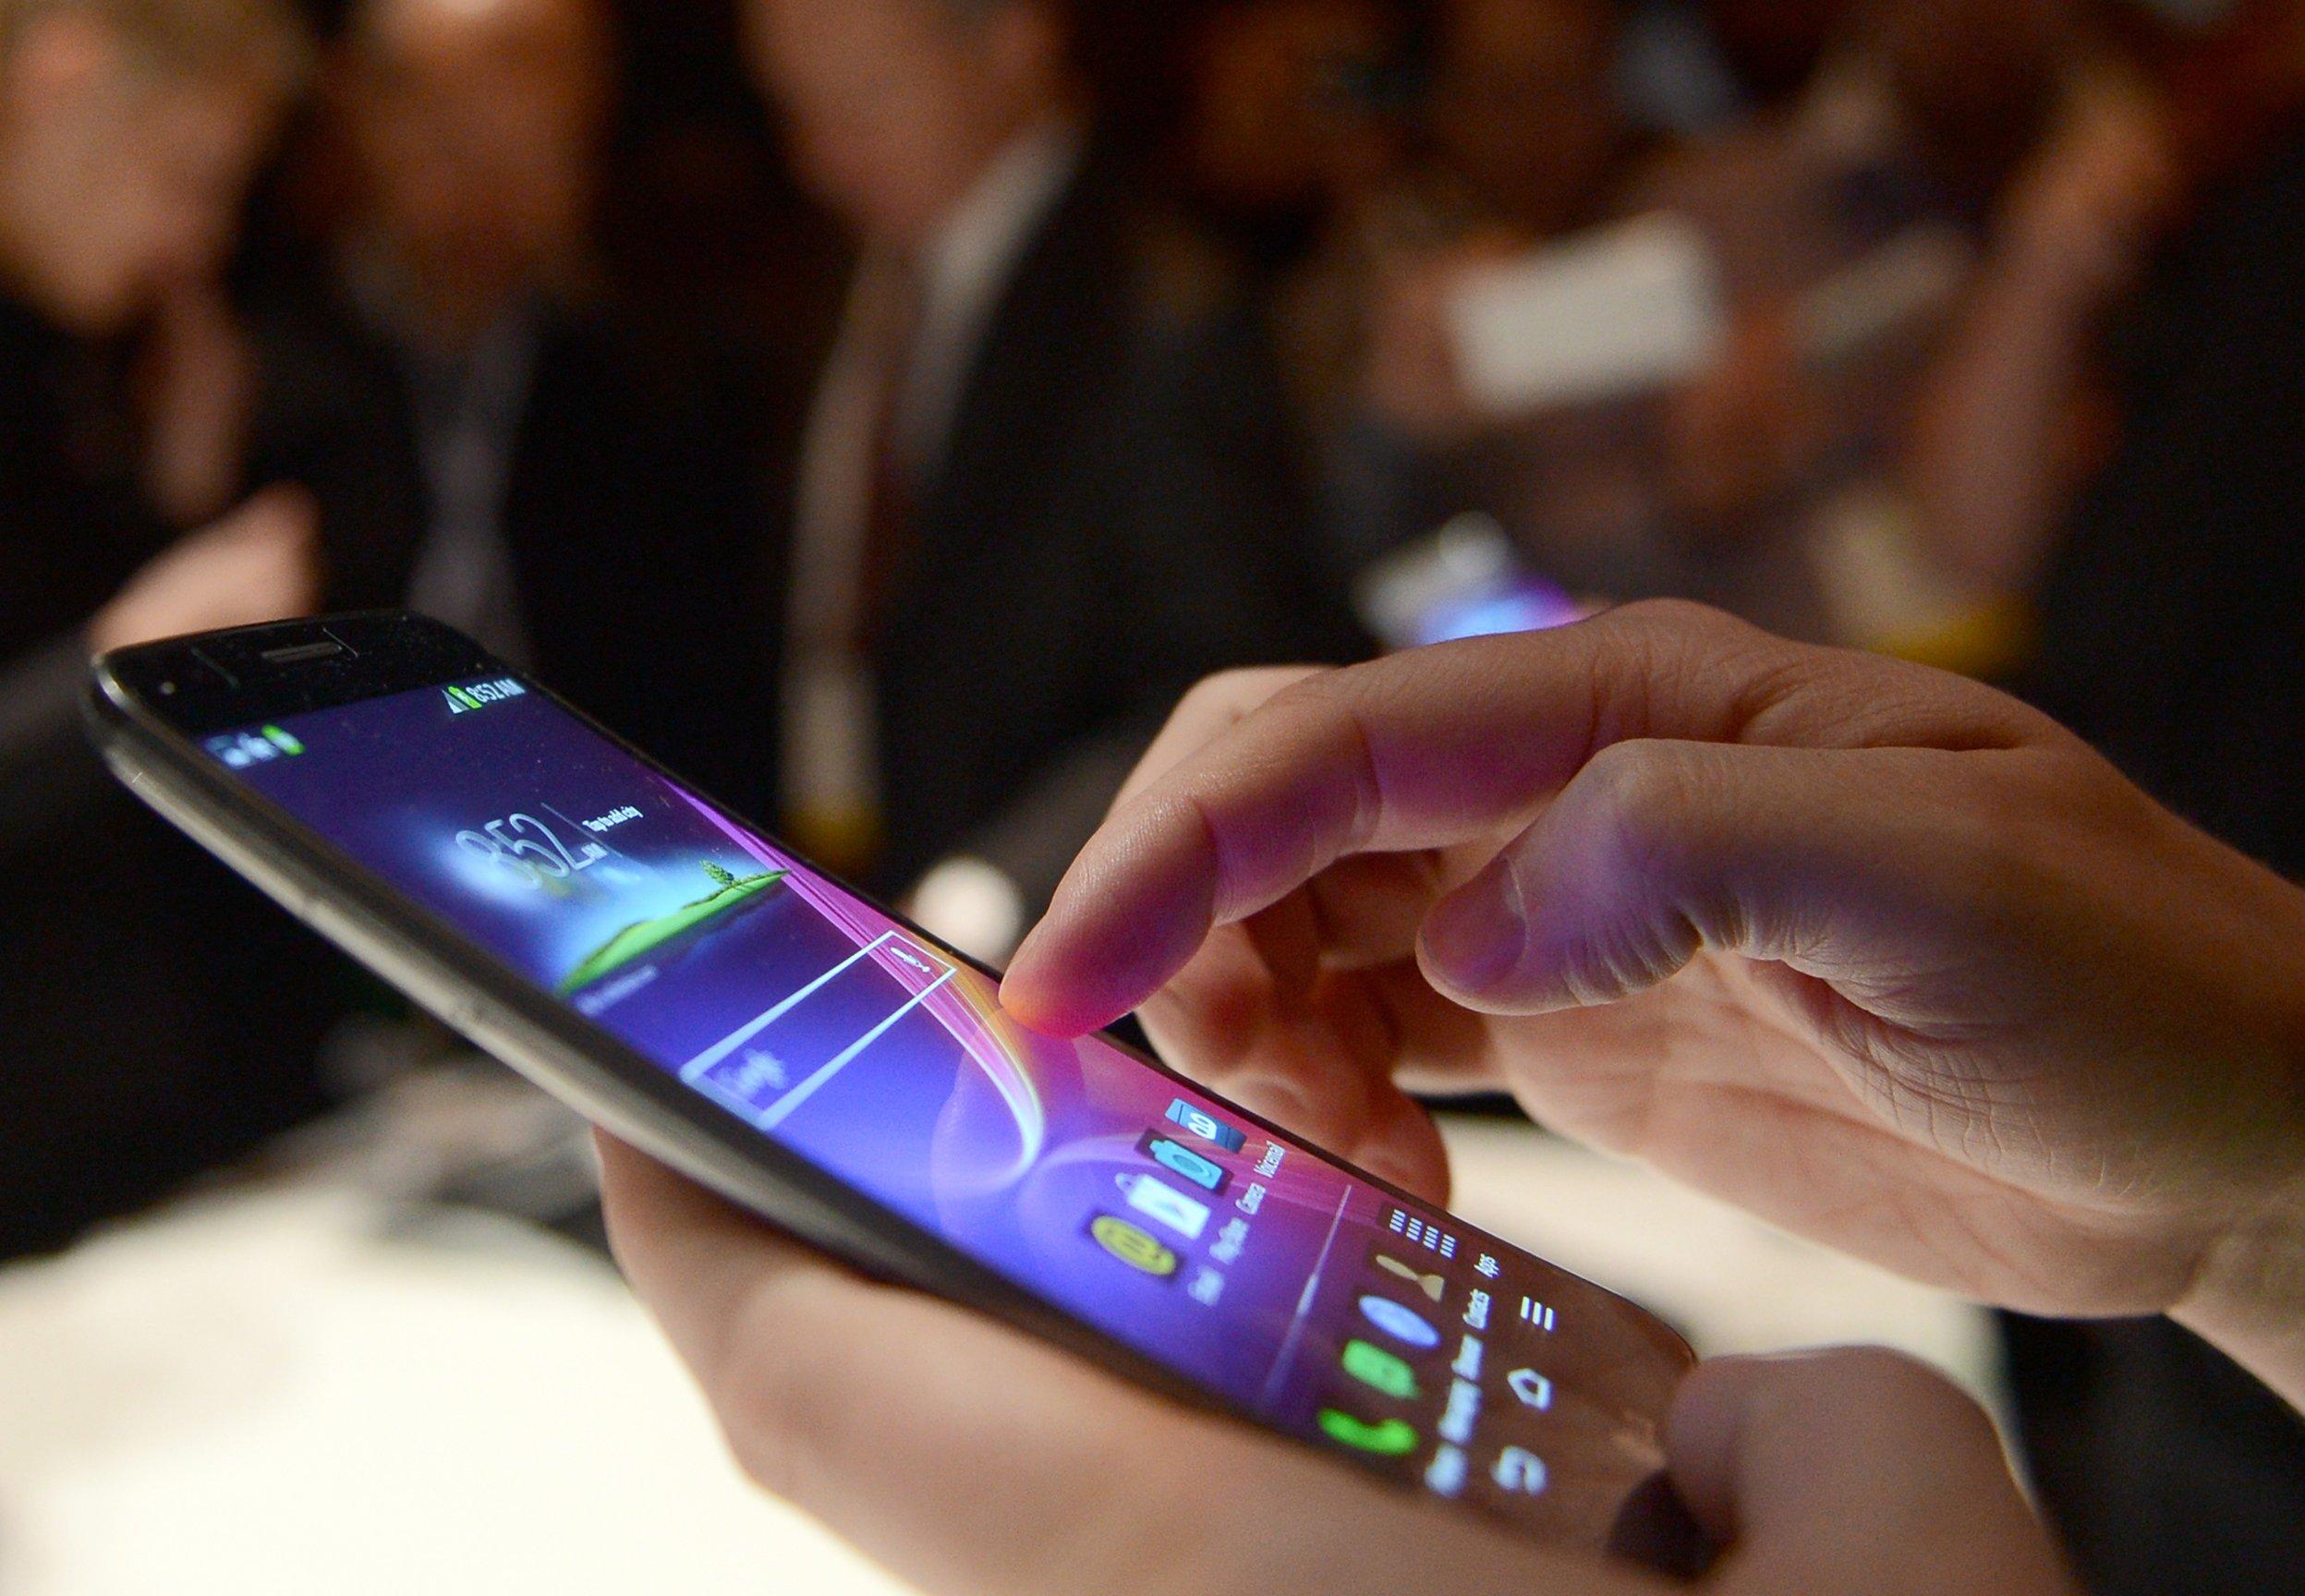 Smartphone mit Betriebssystem Android von Google: Derzeit gibt es zahlreiche Smartphones mit verschiedenen Chips, die unter Android laufen. Doch Betriebssystem und Chips harmonieren sehr unterschiedlich. Jetzt will Google wie Apple Soft- und Hardware bestimmen.